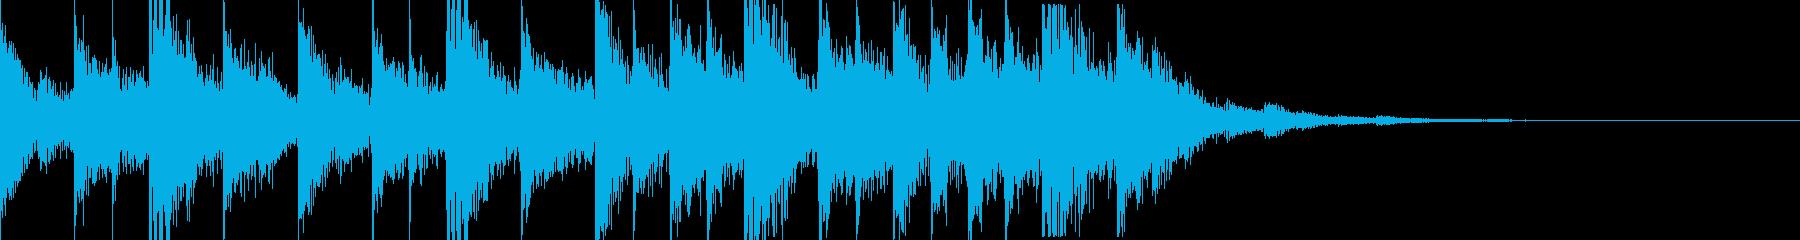 シンスウェーブなジングルの再生済みの波形